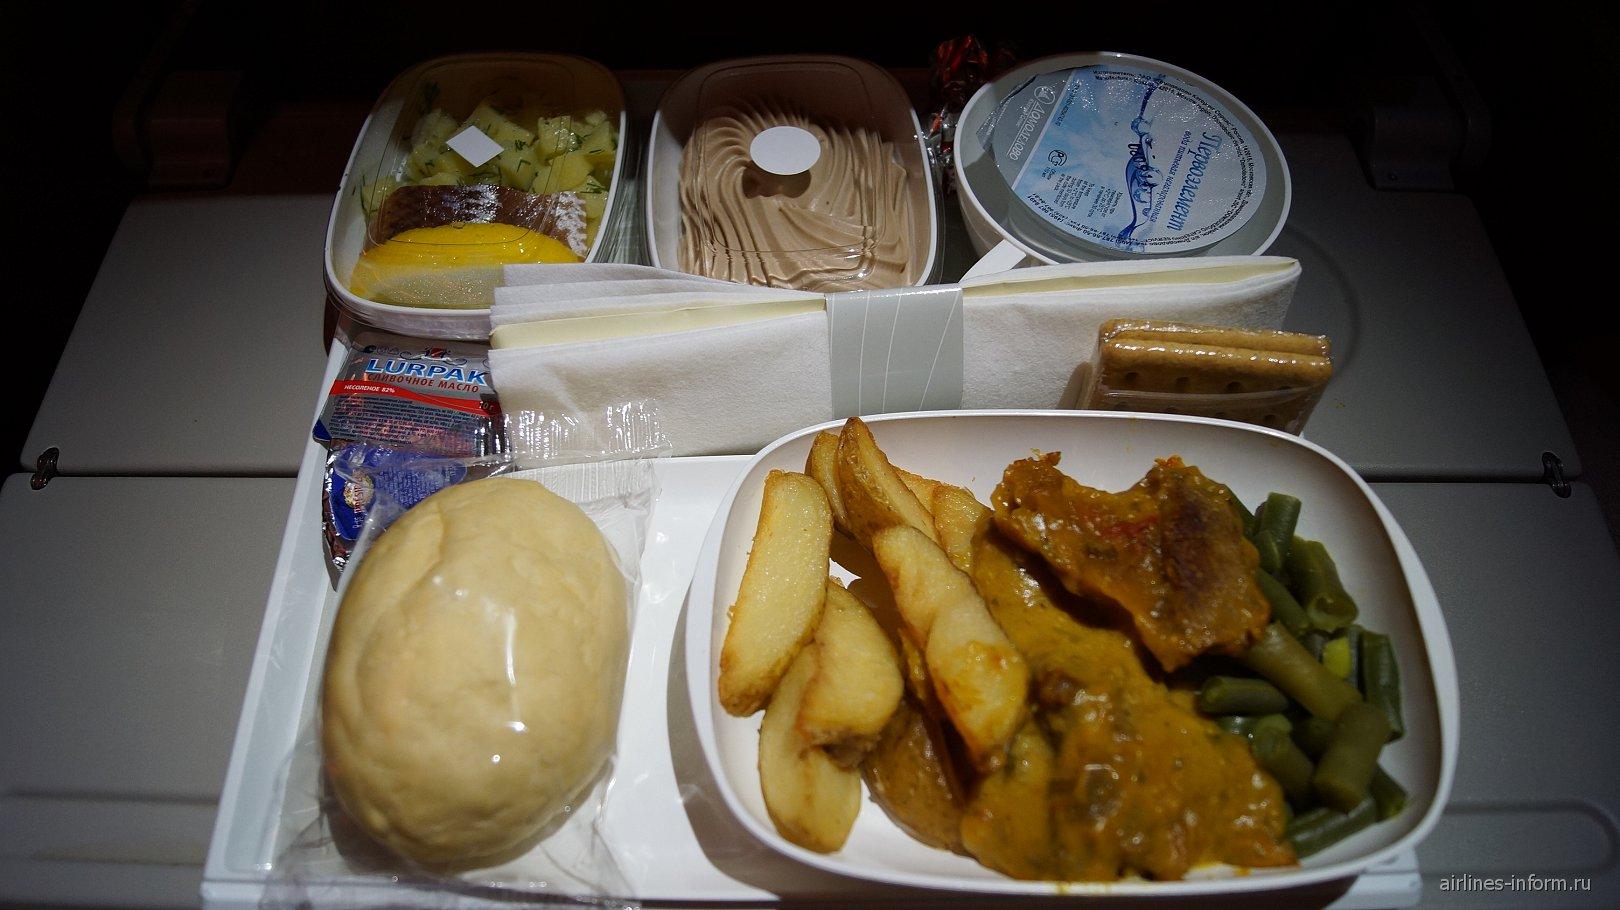 Питание эконом-класса на рейсе Москва-Дубай авиакомпании Emirates